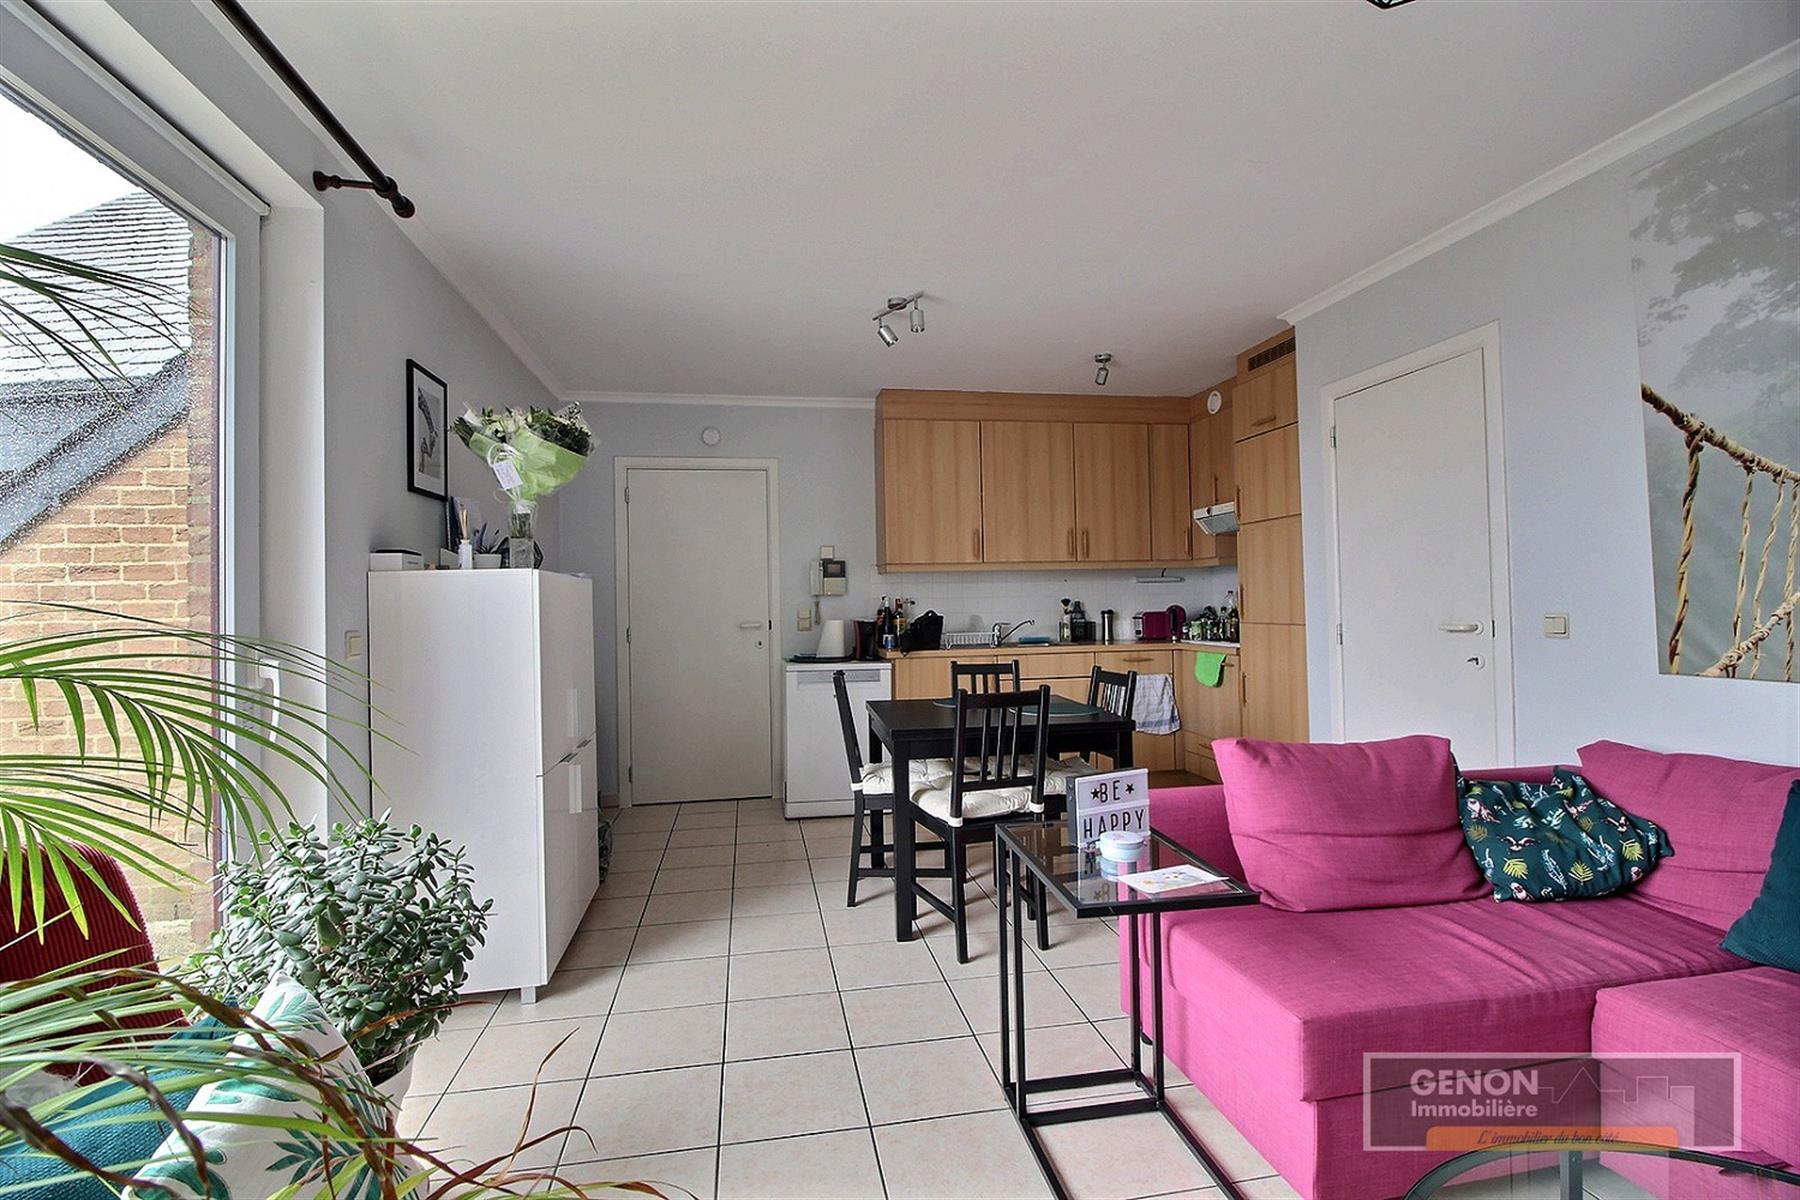 Appartement - Ottignies-Louvain-la-Neuve - #3994294-3